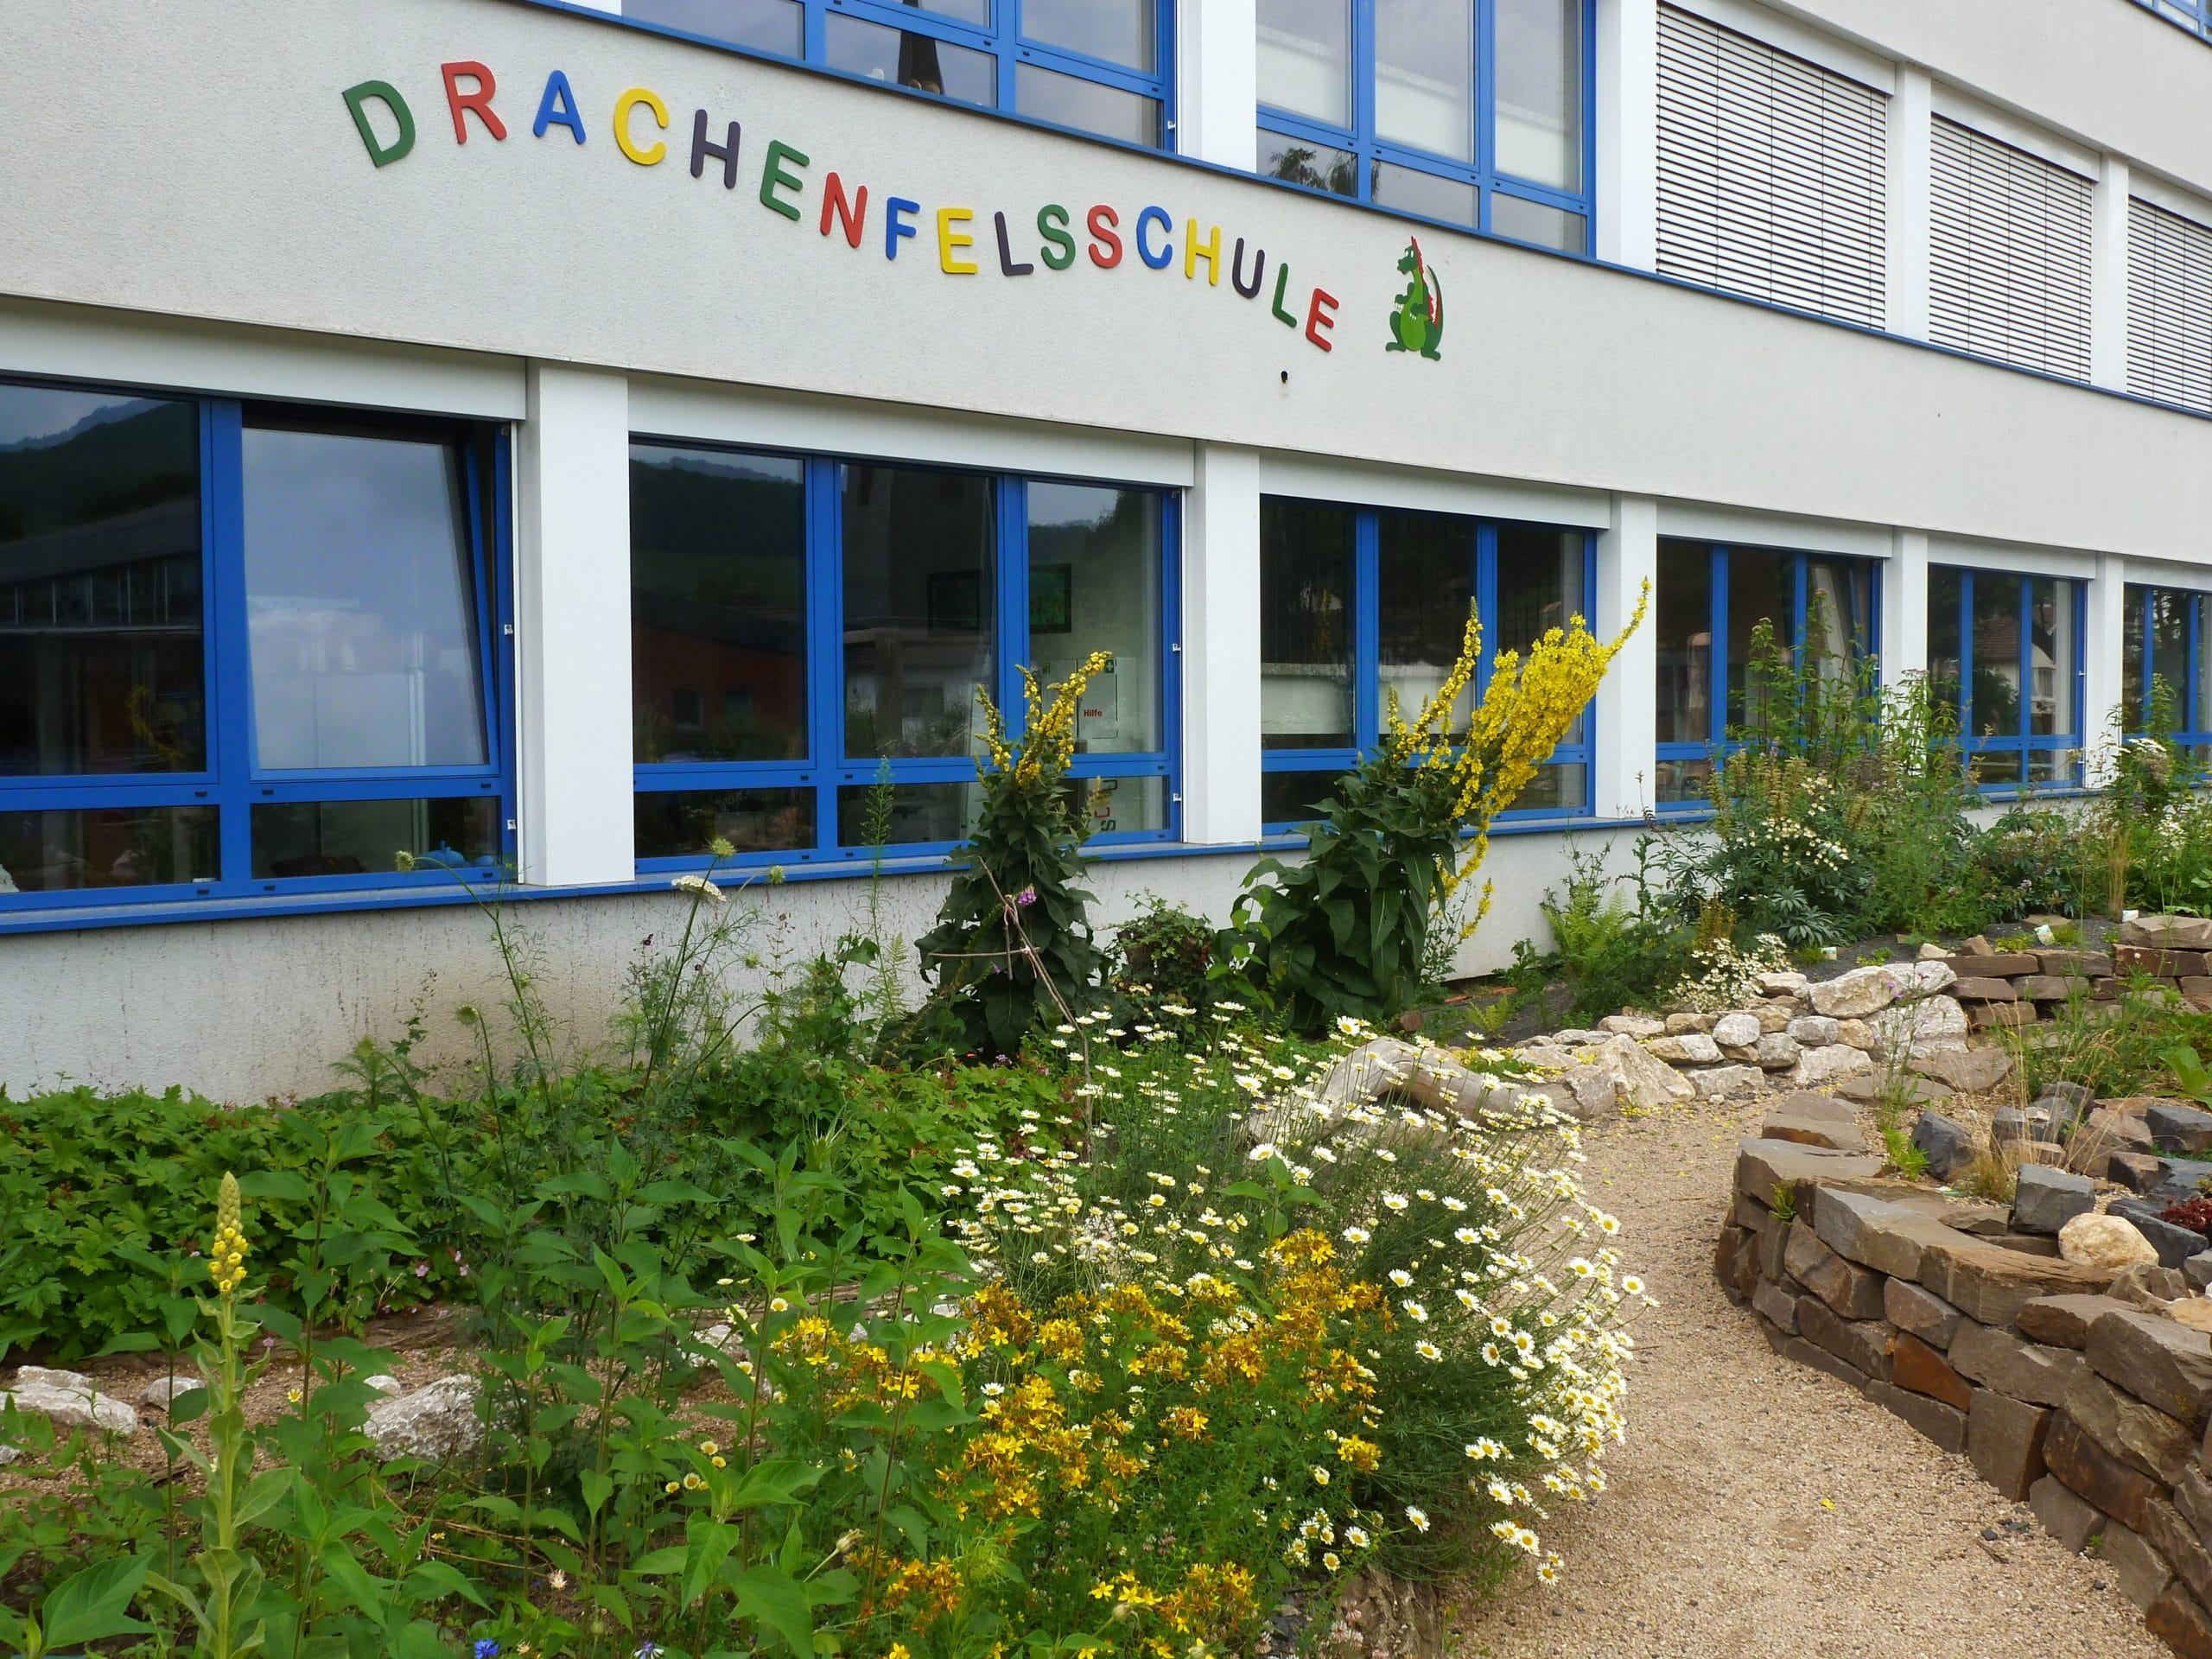 Drachenfelsschule